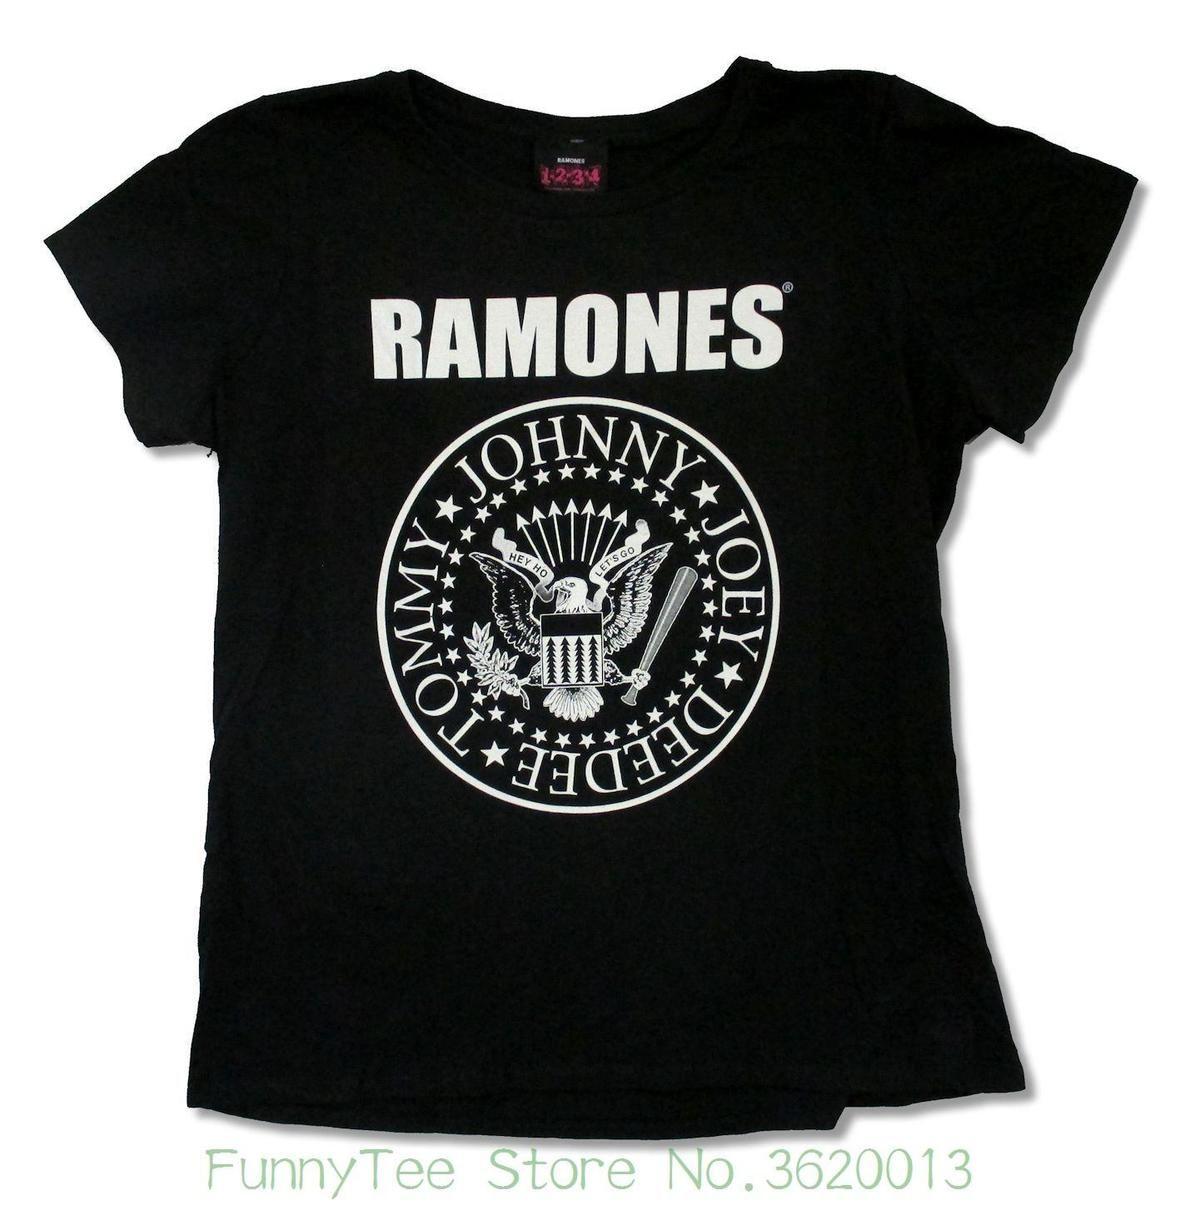 e73c357af72d63 Großhandel Das T Stück Der Frauen Das Ramones Siegel Jumbo Mädchen Junioren  Schwarzes T Shirt Neues Offizielles Punk Lustiges Marken Kurzes T Shirt Von  ...